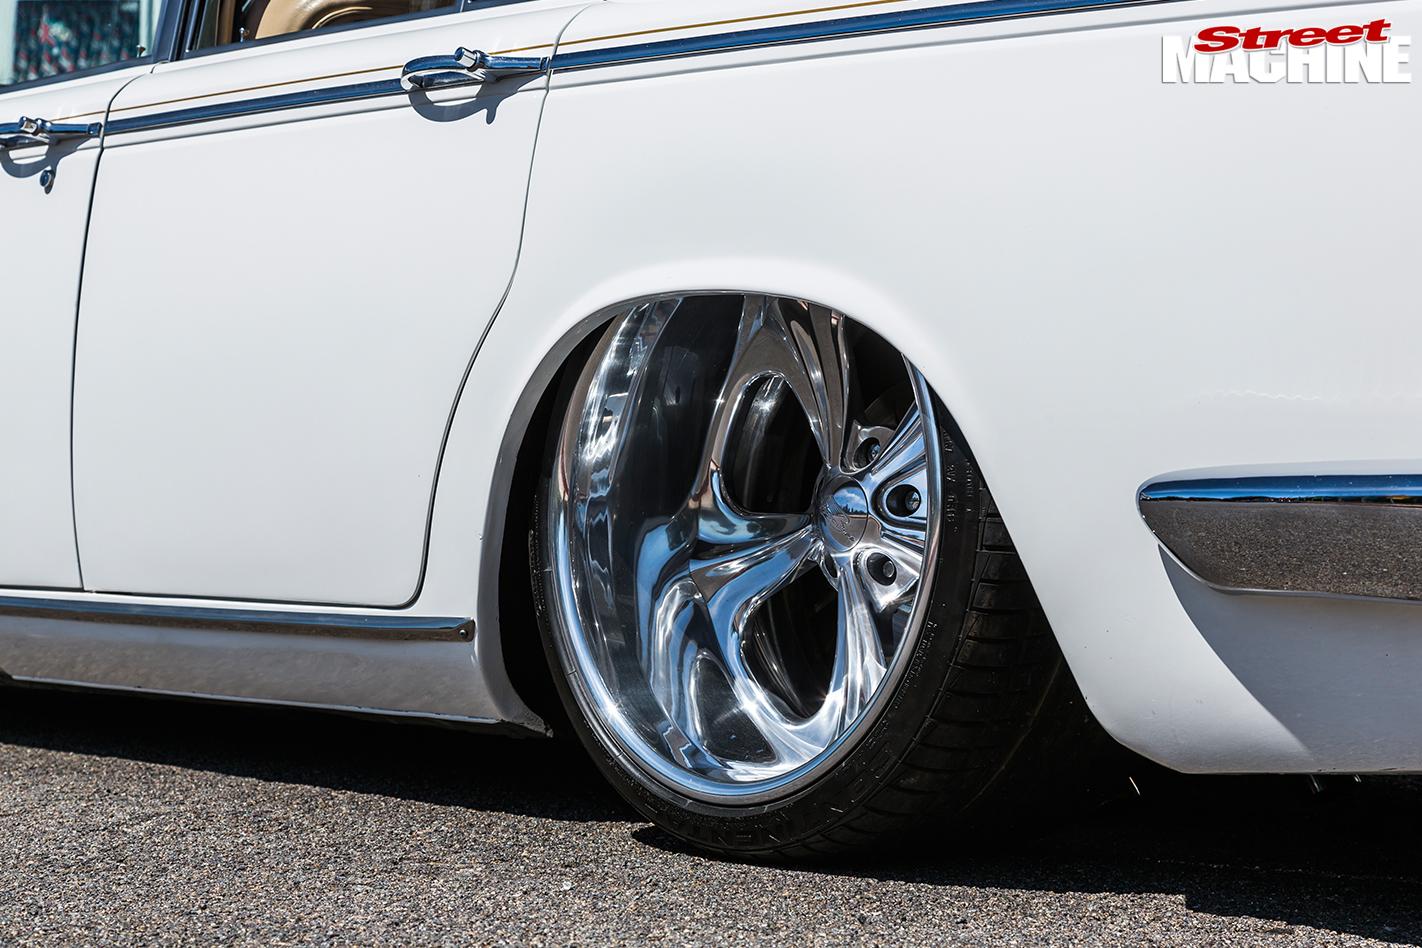 Rolls -royce -silver -shadow -rear -wheel -2